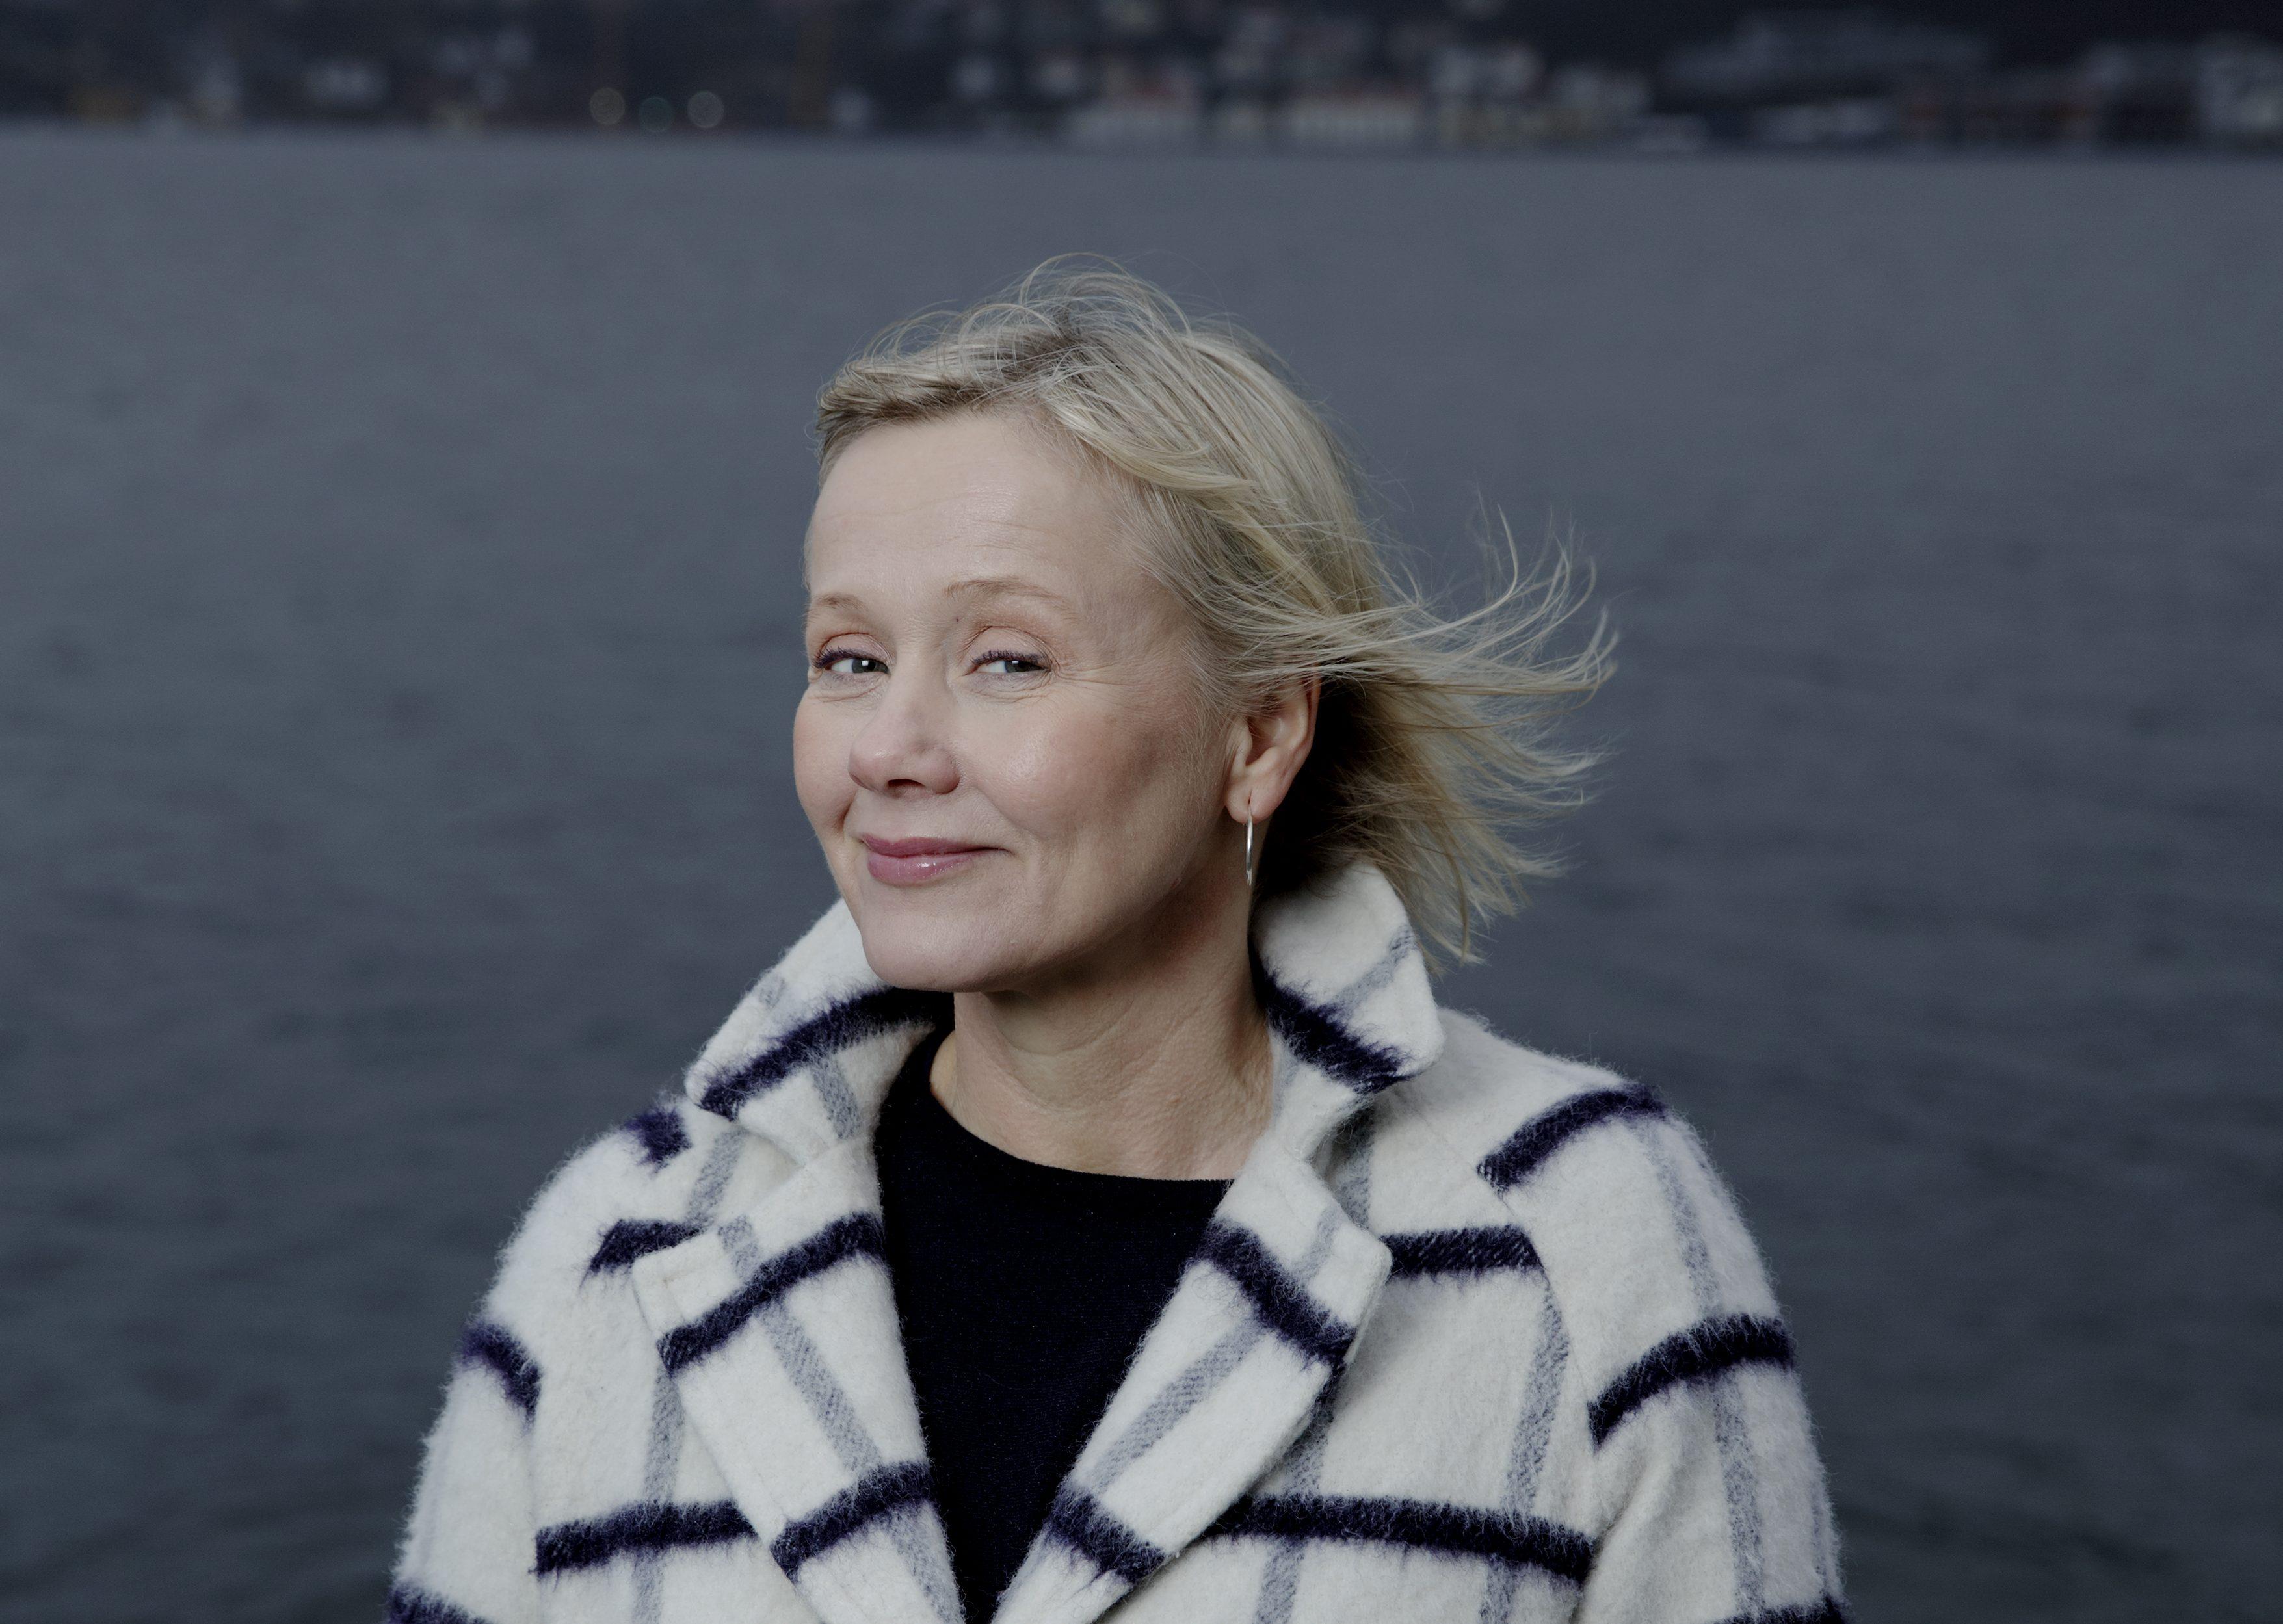 Kjersti Mjør får Kulturdepartementets nynorskpris for journalistar 2019. Foto: Paul Sigve Amundsen